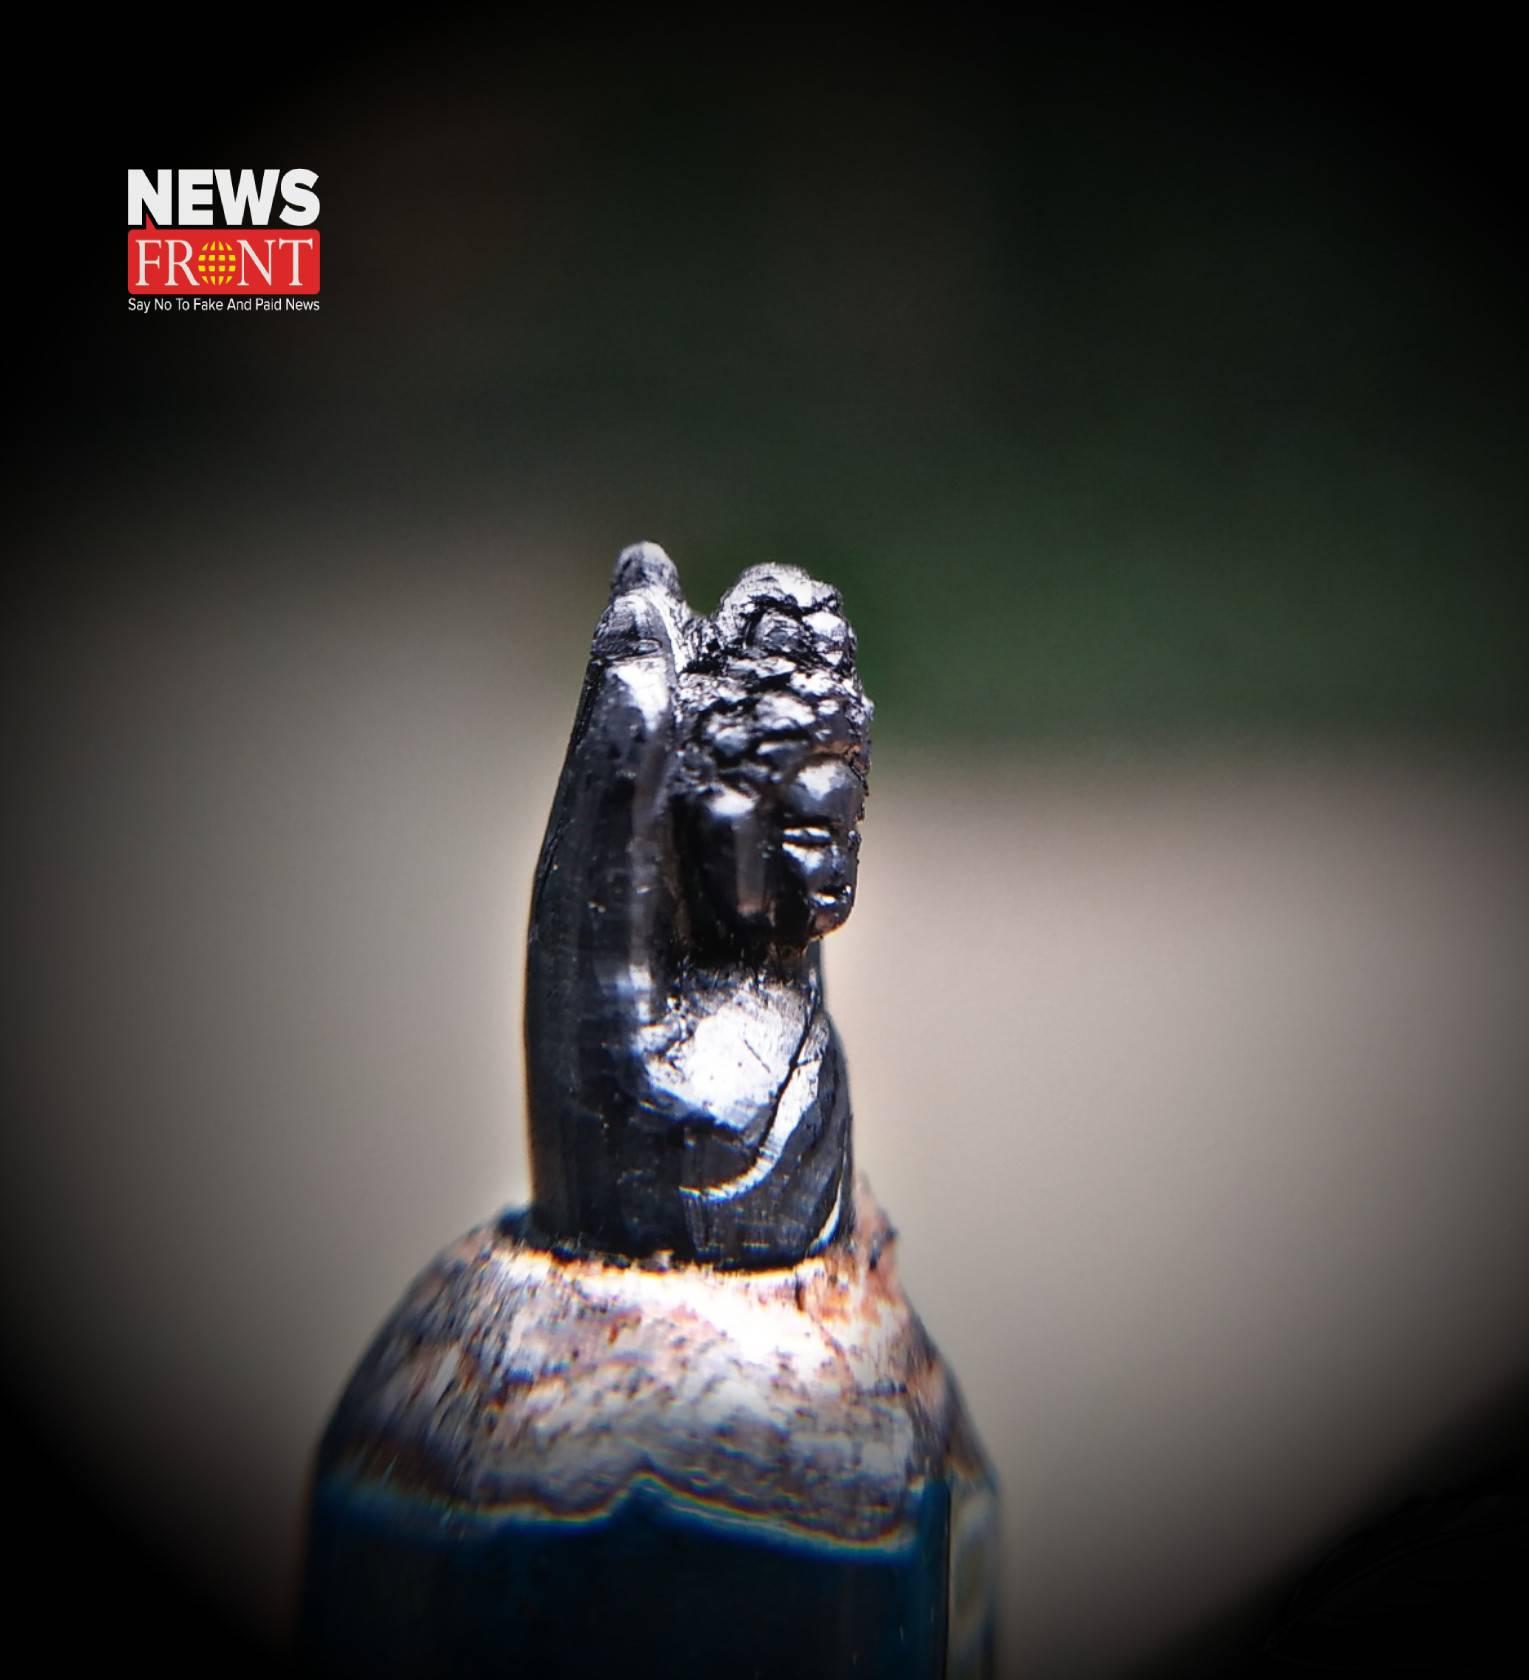 Goutam Budhha | newsfront.co